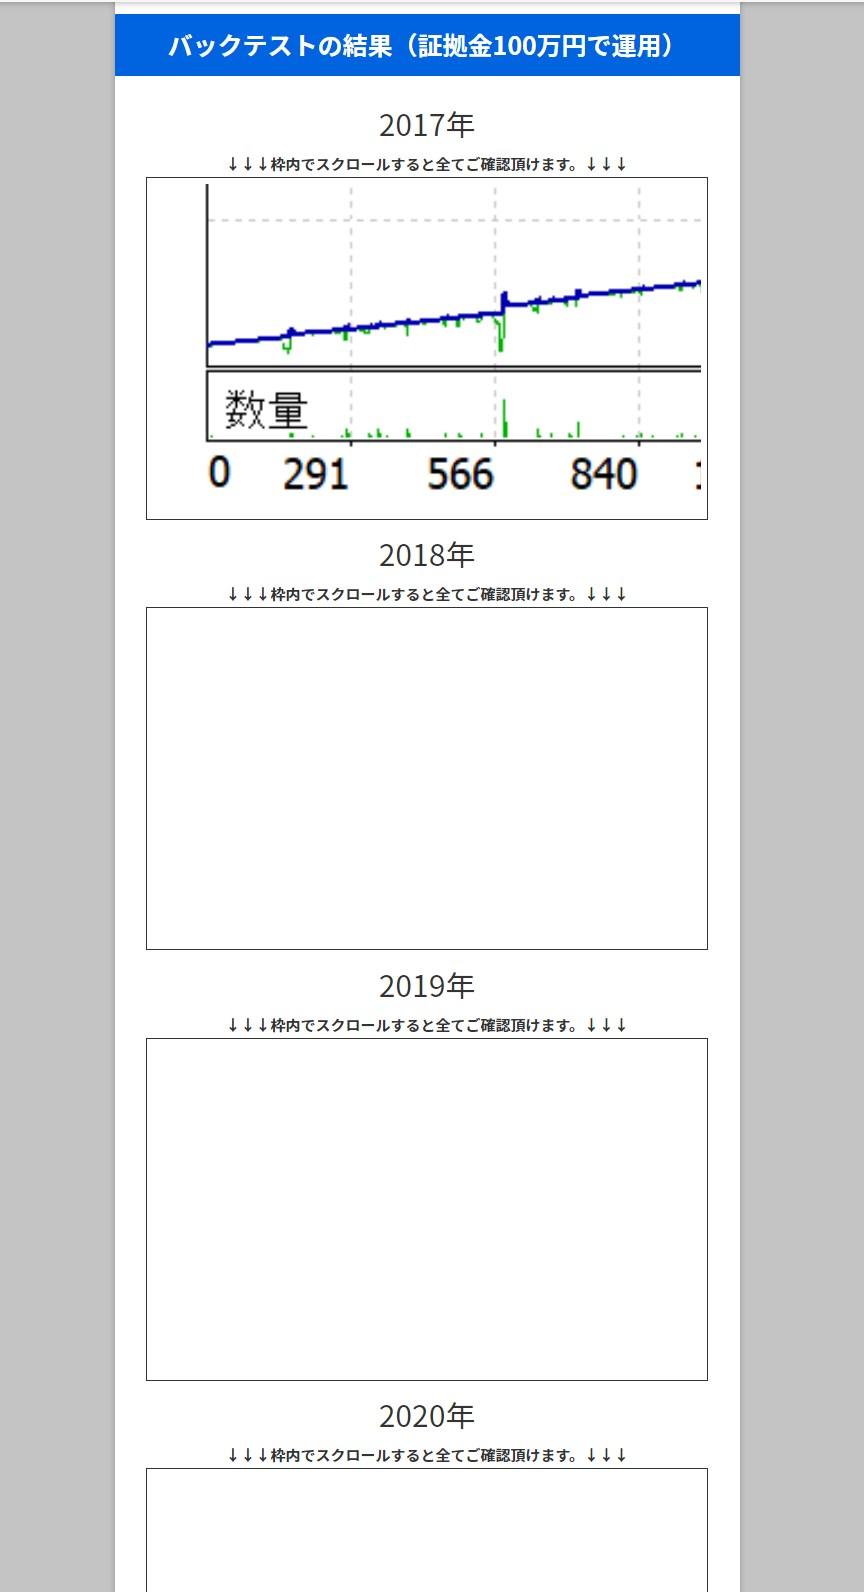 無双EA:バックテスト結果(2017年~2020年)